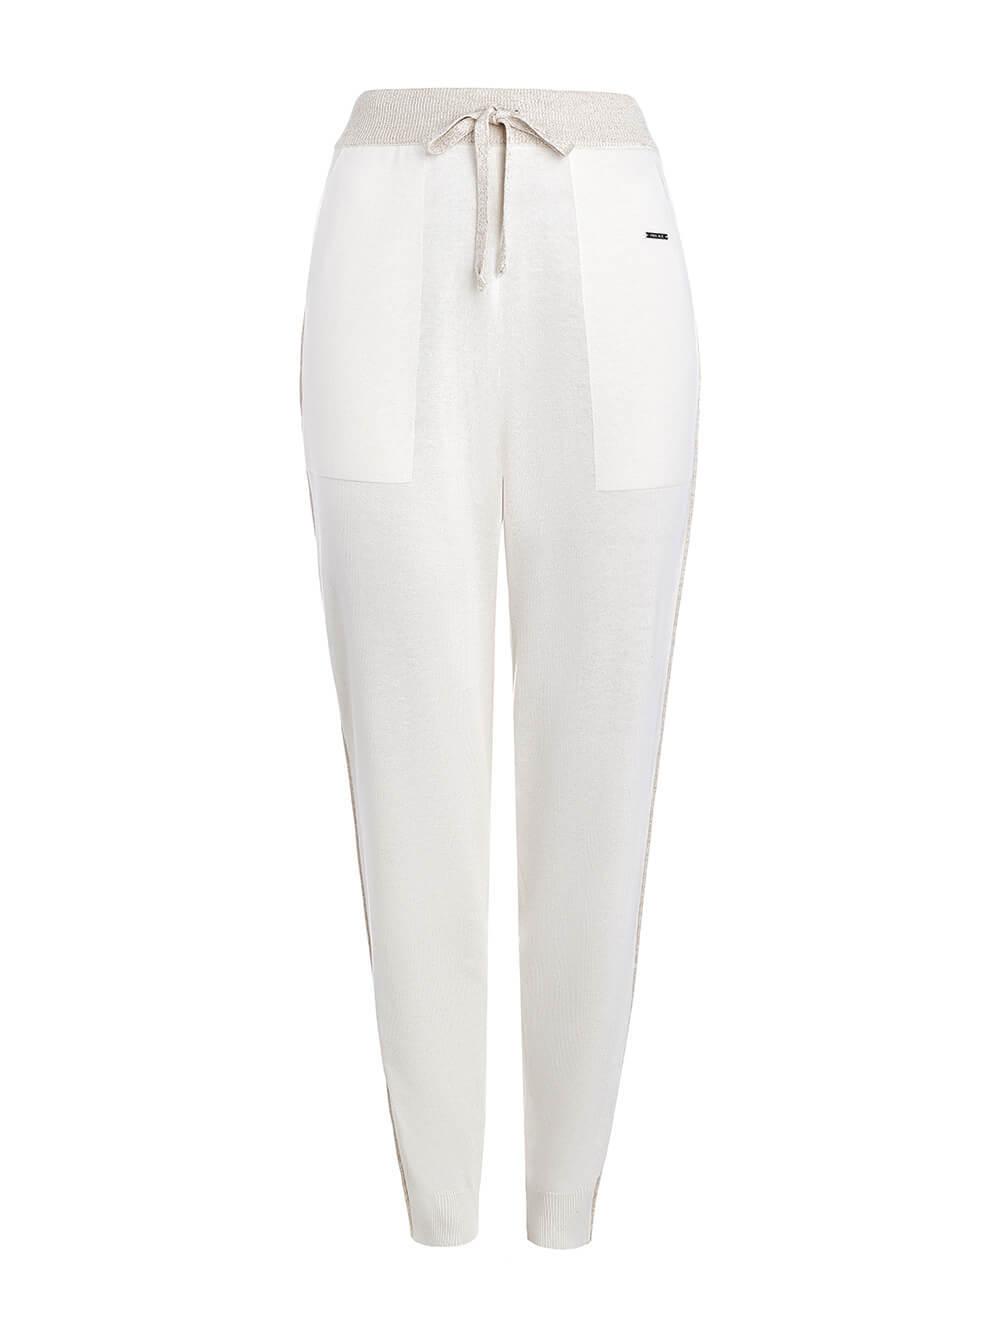 Женские брюки белого цвета из шелка и кашемира - фото 1